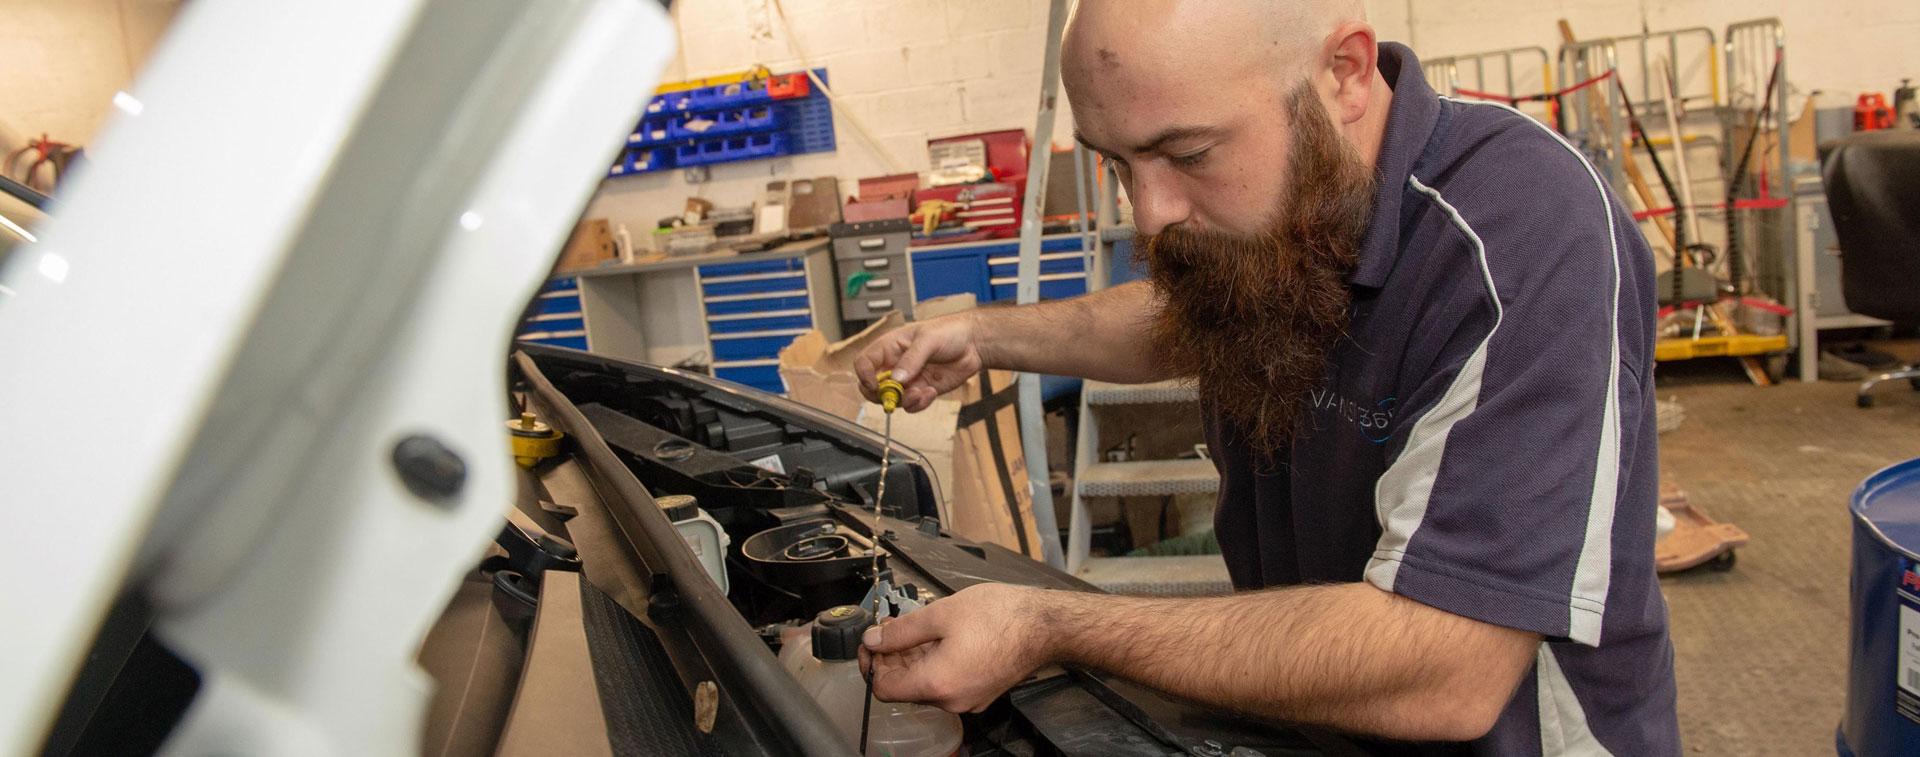 Service Technician Working At Vans 365